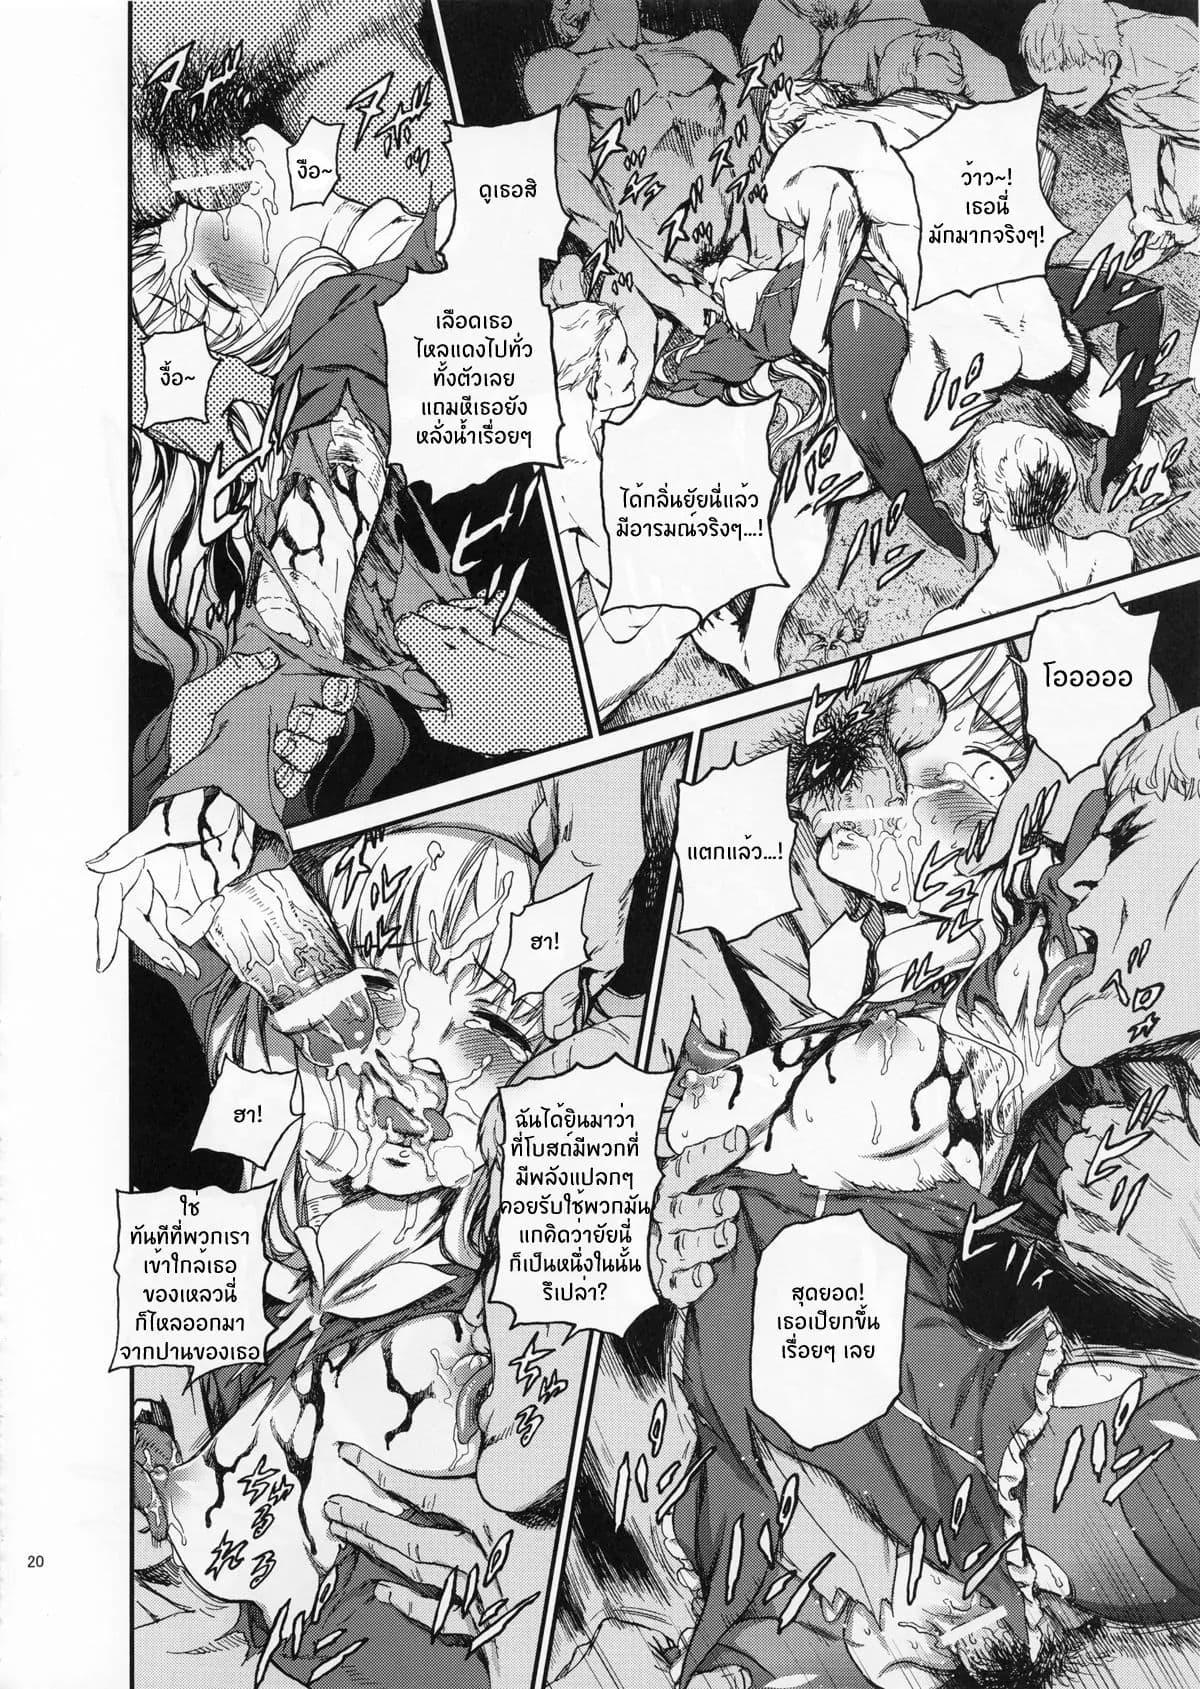 อ่านการ์ตูน (C83) [Ikujinashi no Fetishist] Eros&Agape (Fate hollow ataraxia) ภาพที่ 19